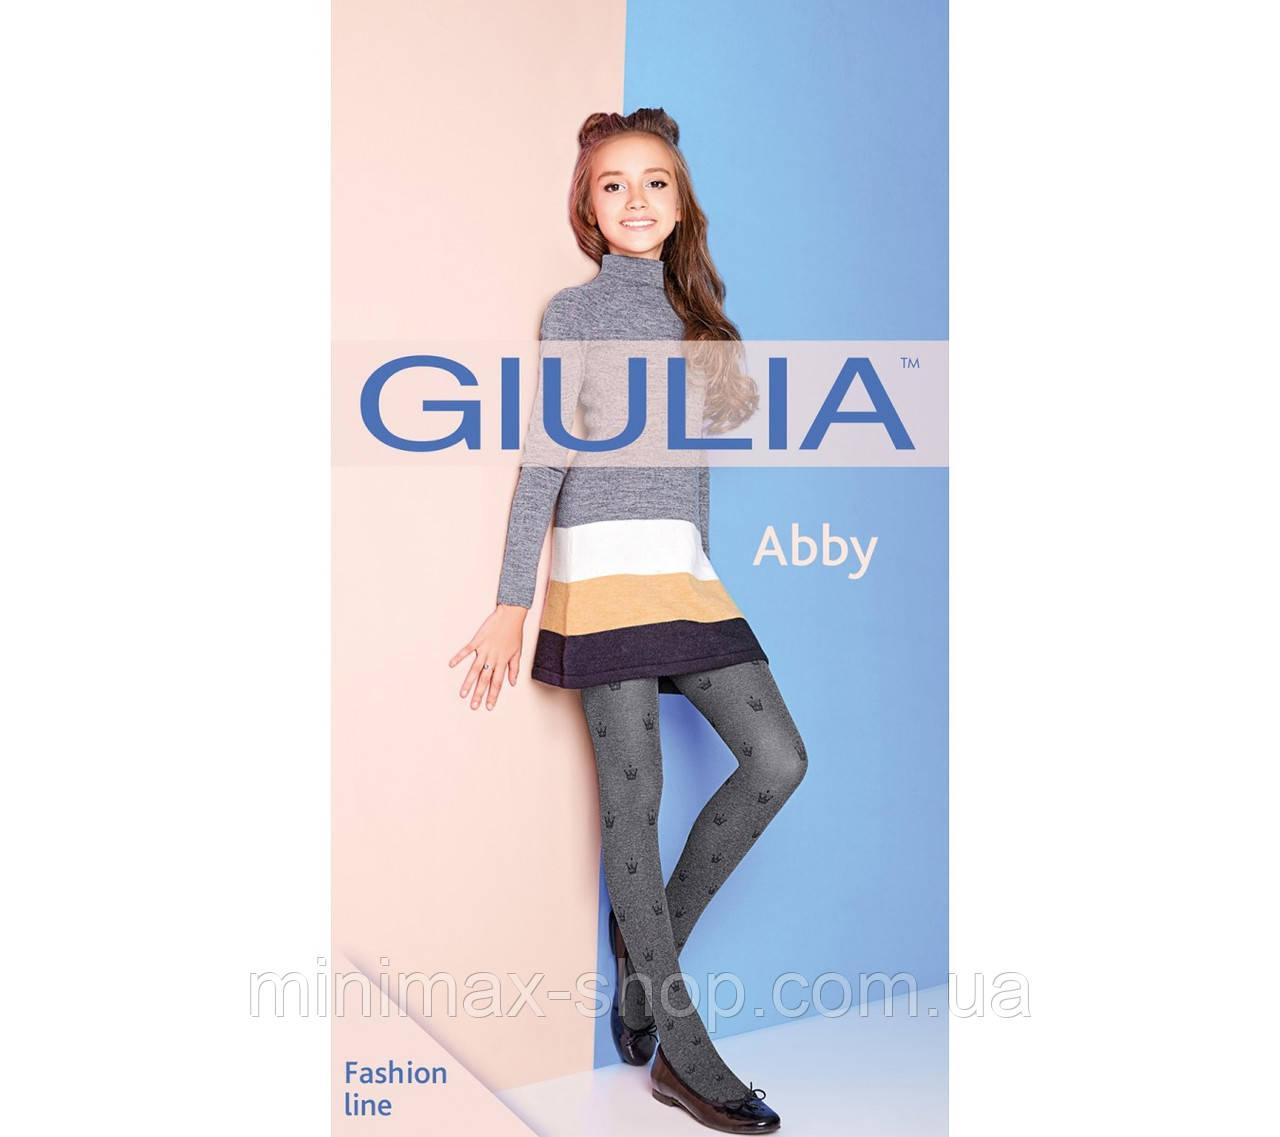 Колготки детские Джулия Abby 60, модель 1